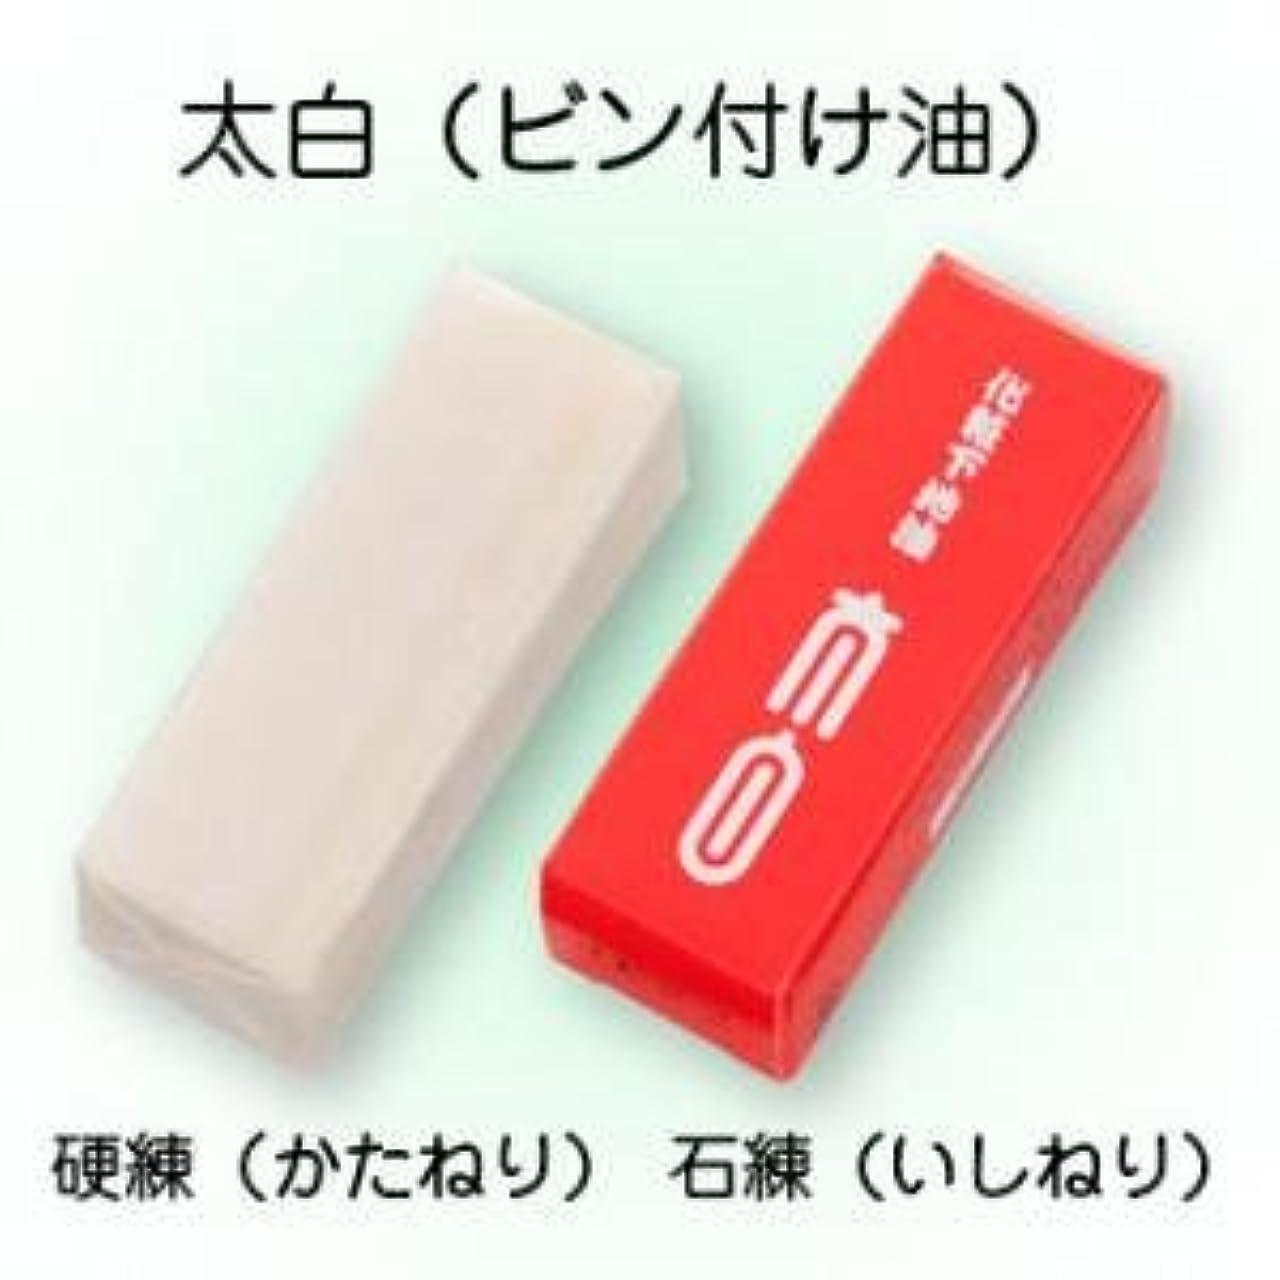 外向き危険れる太白(たいはく)ビン付け油 40g (硬練)【三善】